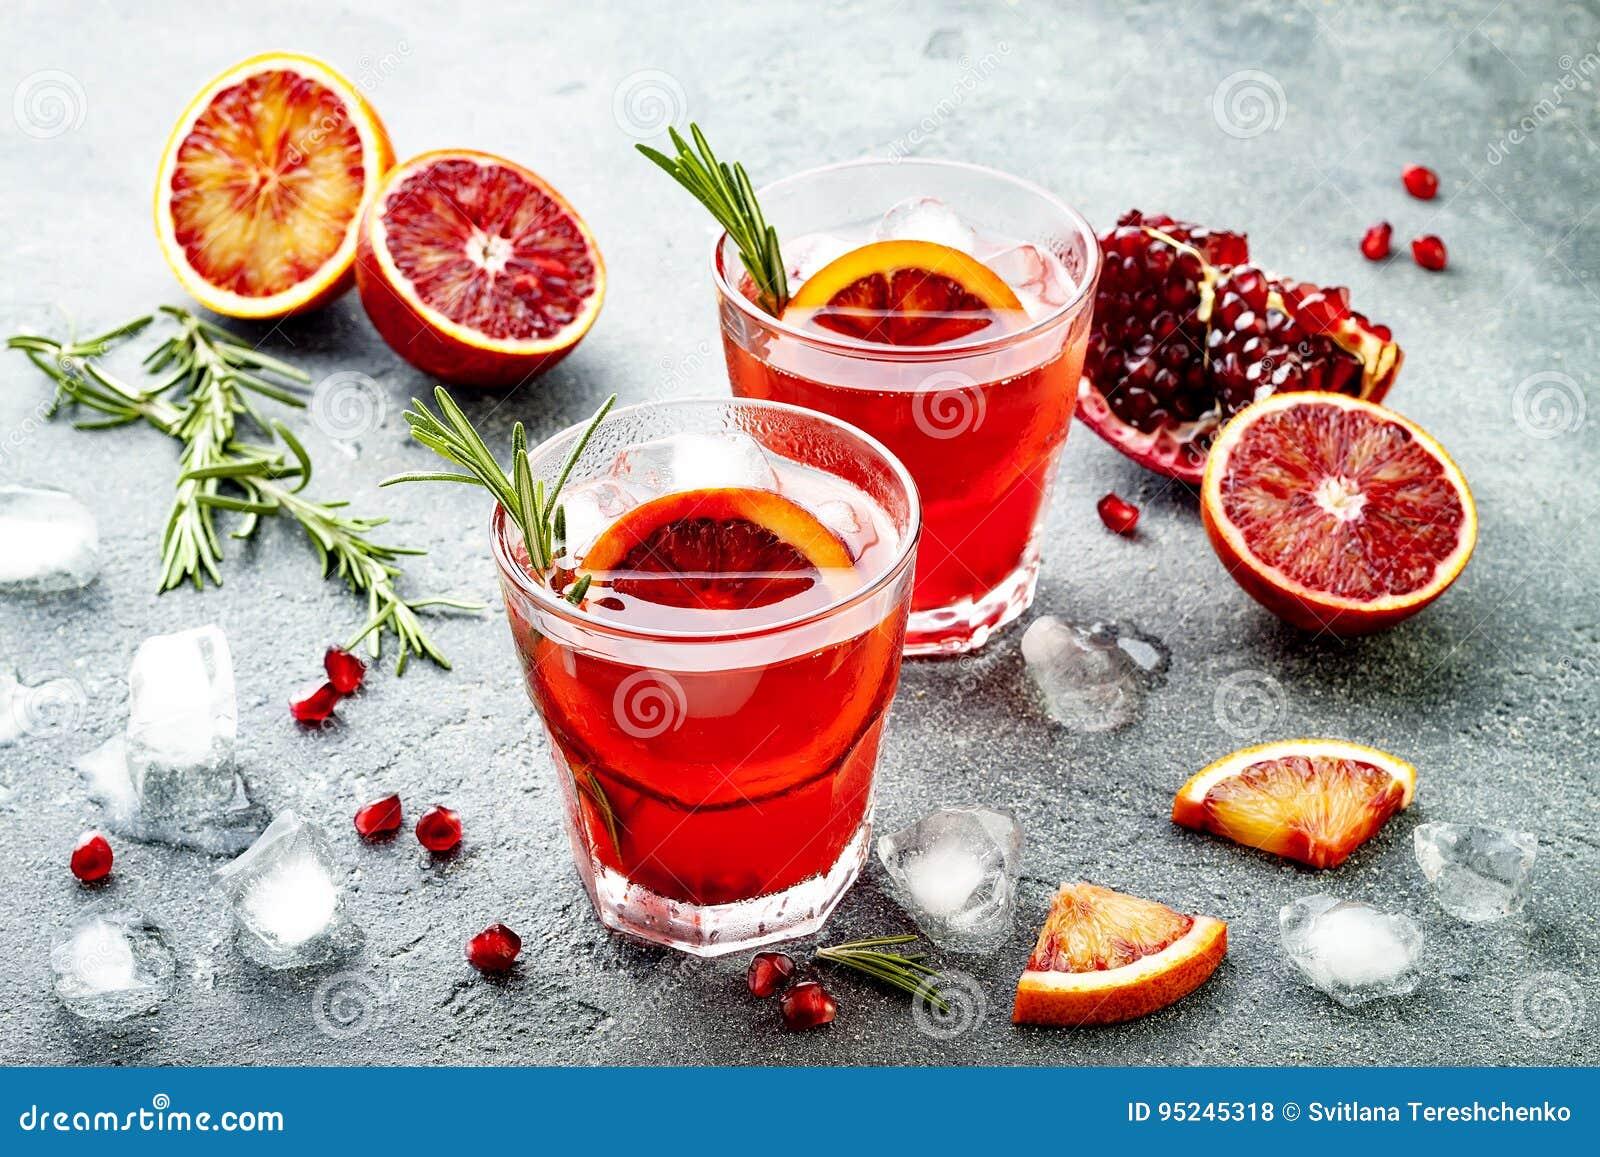 Κόκκινο κοκτέιλ με το πορτοκάλι και το ρόδι αίματος Αναζωογονώντας θερινό ποτό Απεριτίφ διακοπών για τη γιορτή Χριστουγέννων